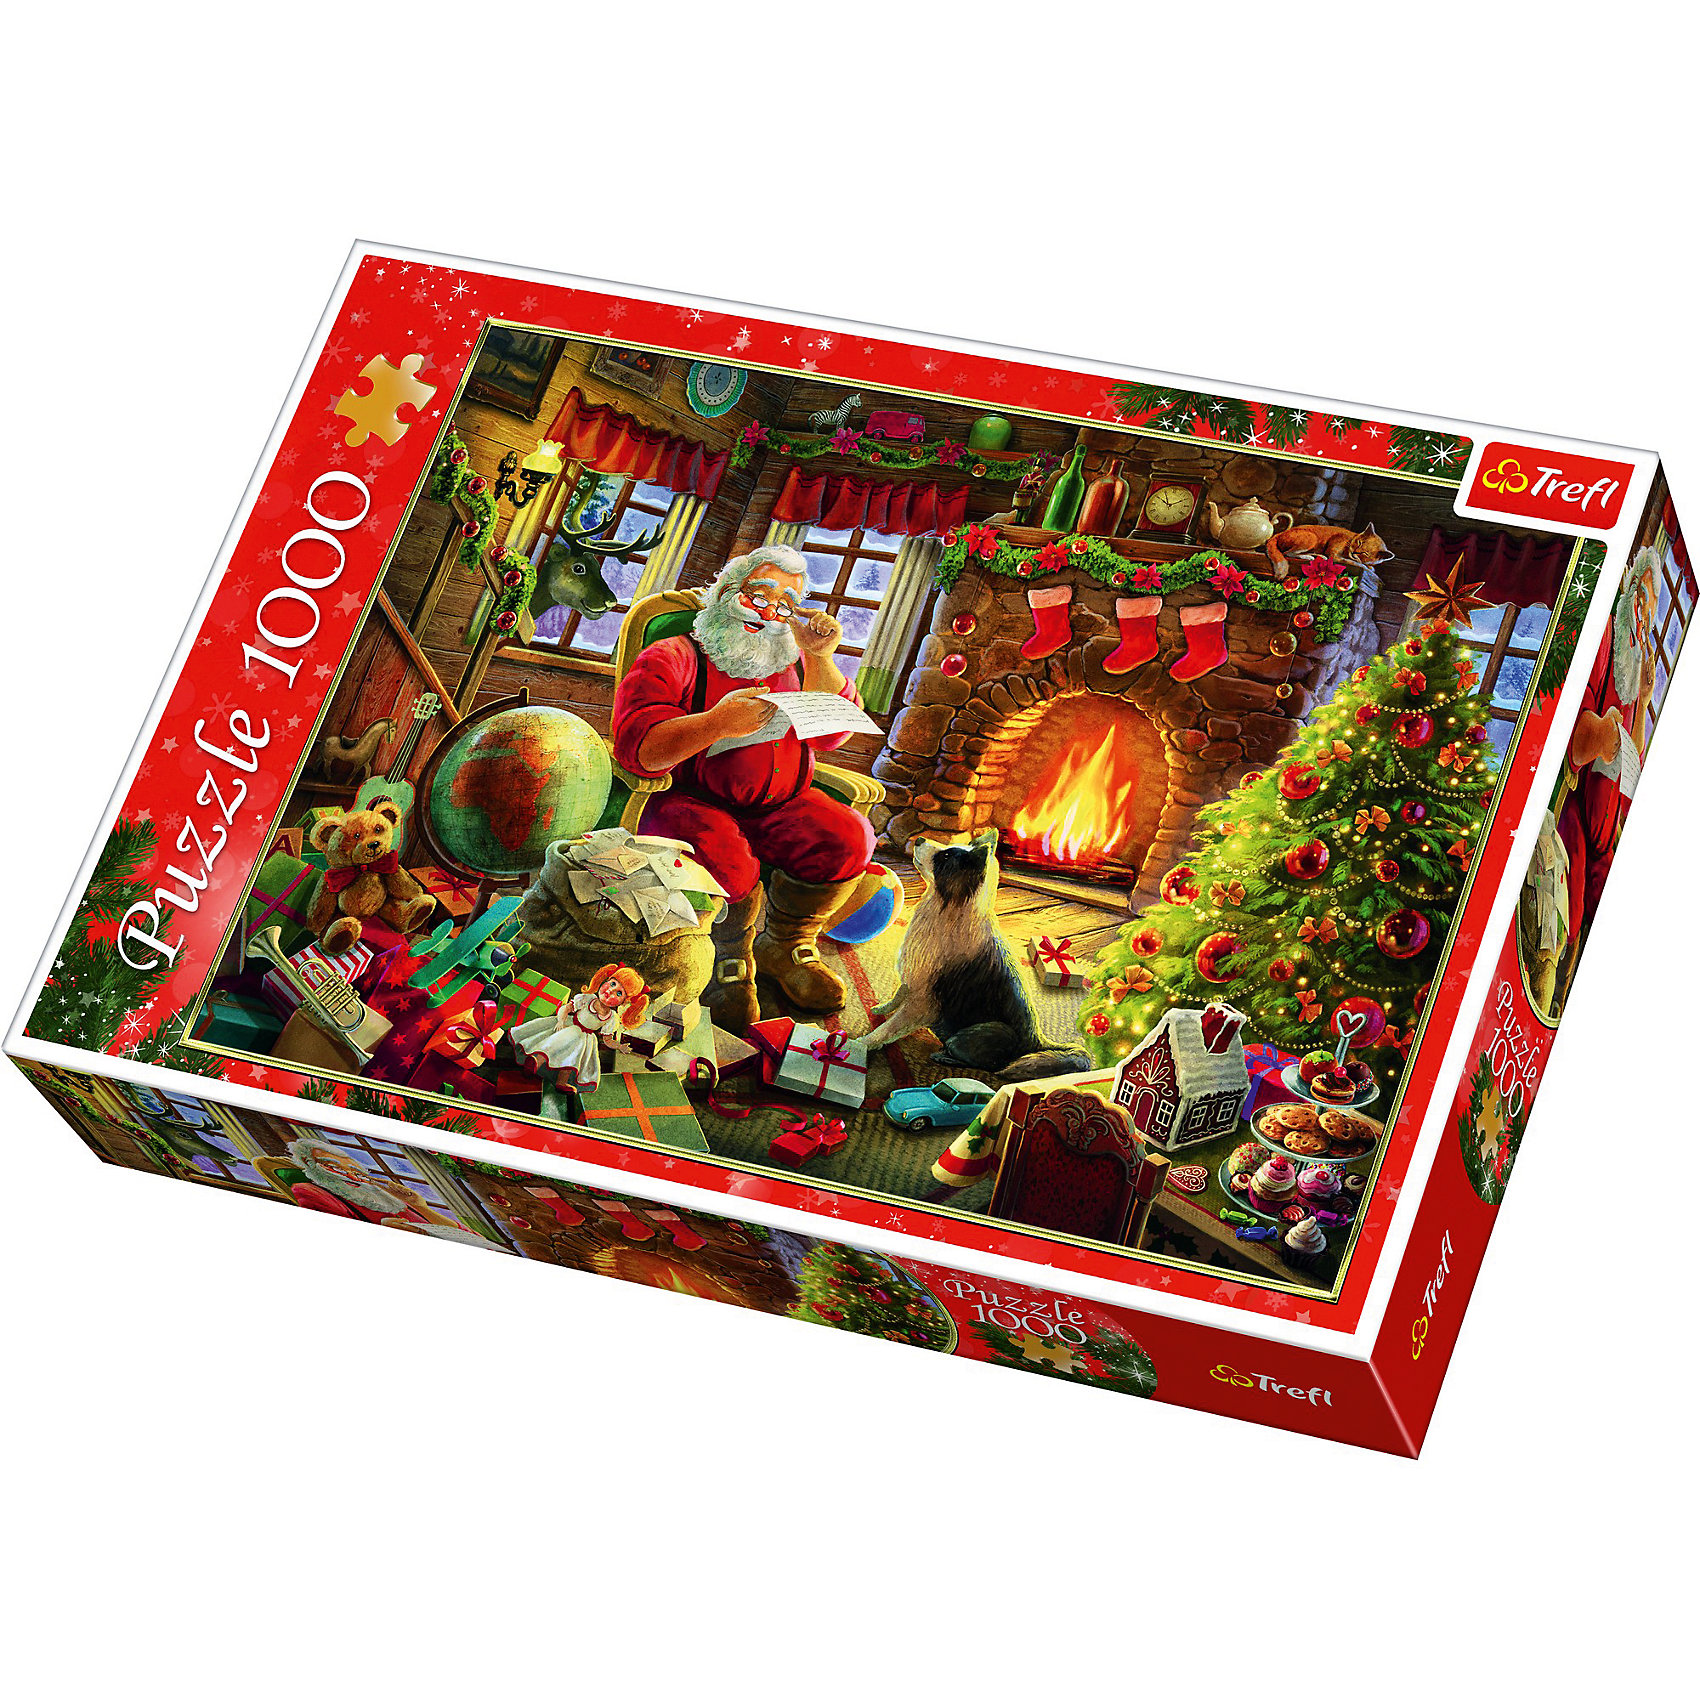 Пазлы Санта Клаус возле камина, 1000 элементовПазлы для детей постарше<br>Пазлы Trefl 10432 Санта Клаус возле камина, 1000 элементов - головоломка оптимальных размеров и сложности. Она заставит подумать головой не только ребенка, но и взрослого. А после сборки картина с изображением Санта Клауса, читающего у камина письма детей, сможет украсить любую комнату.<br><br>Пазл состоит из 1000 картонных деталей. Для самостоятельной сборки он может быть рекомендован для подростков от 14 лет. У детей младшего возраста могут возникнуть сложности при сборе этой мозайки. Поэтому им стоит собирать пазл вместе со взрослыми.<br><br>Ширина мм: 60<br>Глубина мм: 270<br>Высота мм: 60<br>Вес г: 750<br>Возраст от месяцев: 168<br>Возраст до месяцев: 2147483647<br>Пол: Унисекс<br>Возраст: Детский<br>SKU: 7126367